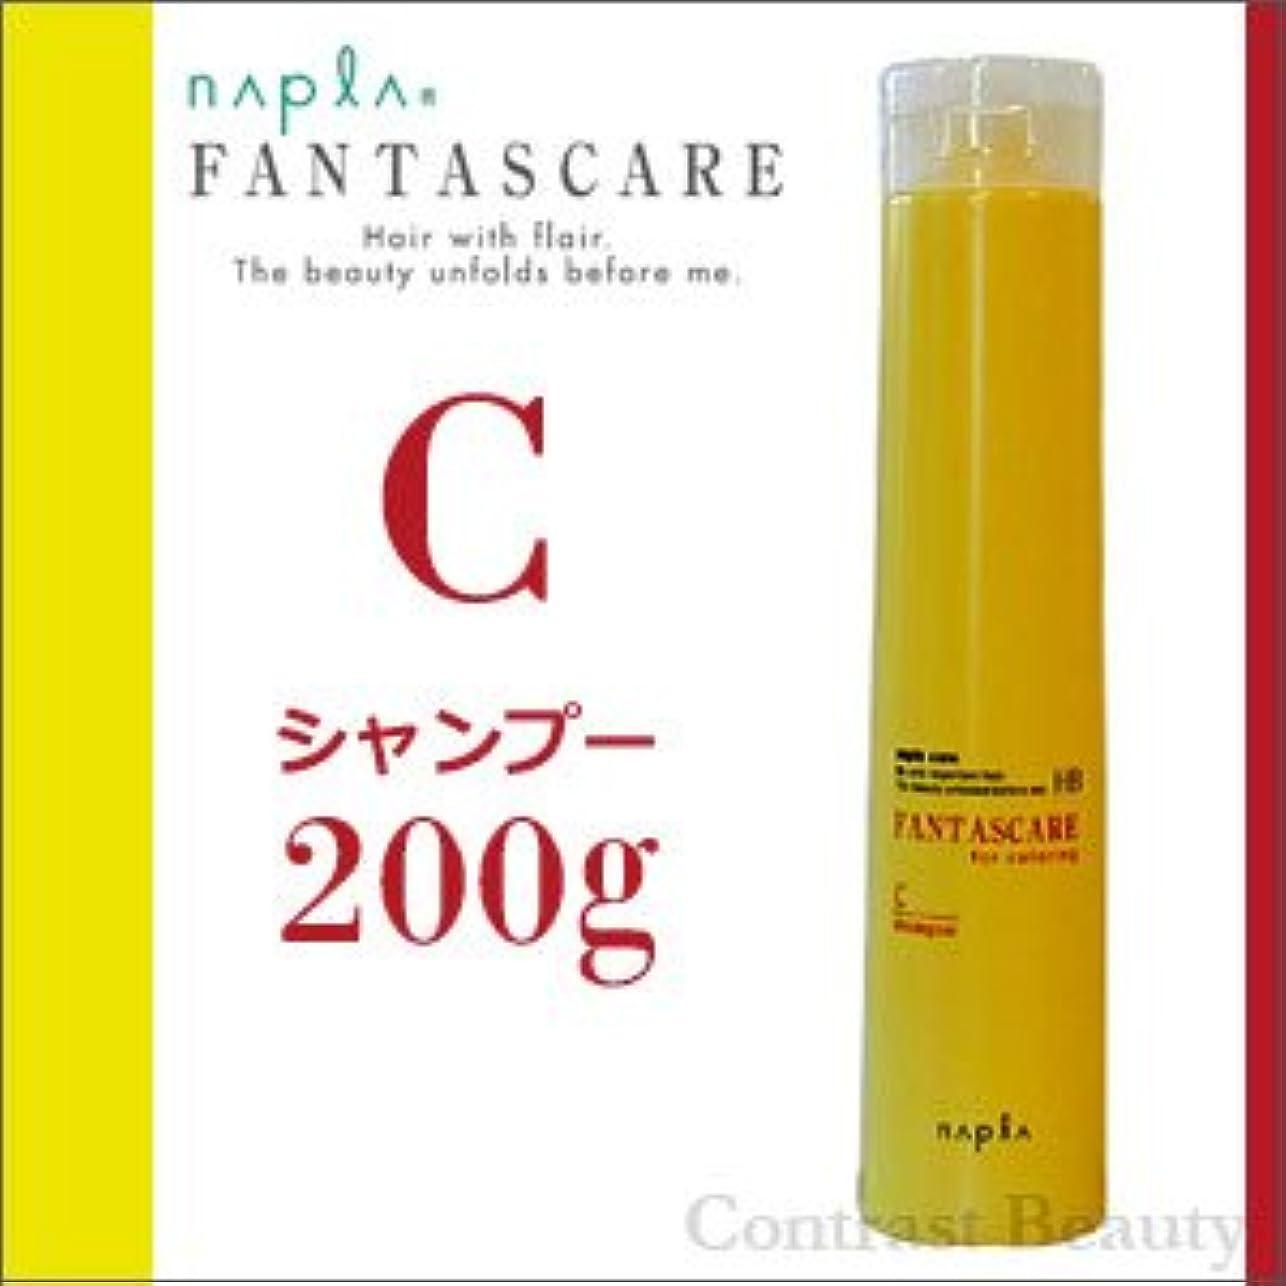 肉対処しなやかな【X3個セット】 ナプラ ファンタスケア Cシャンプー 200g napla